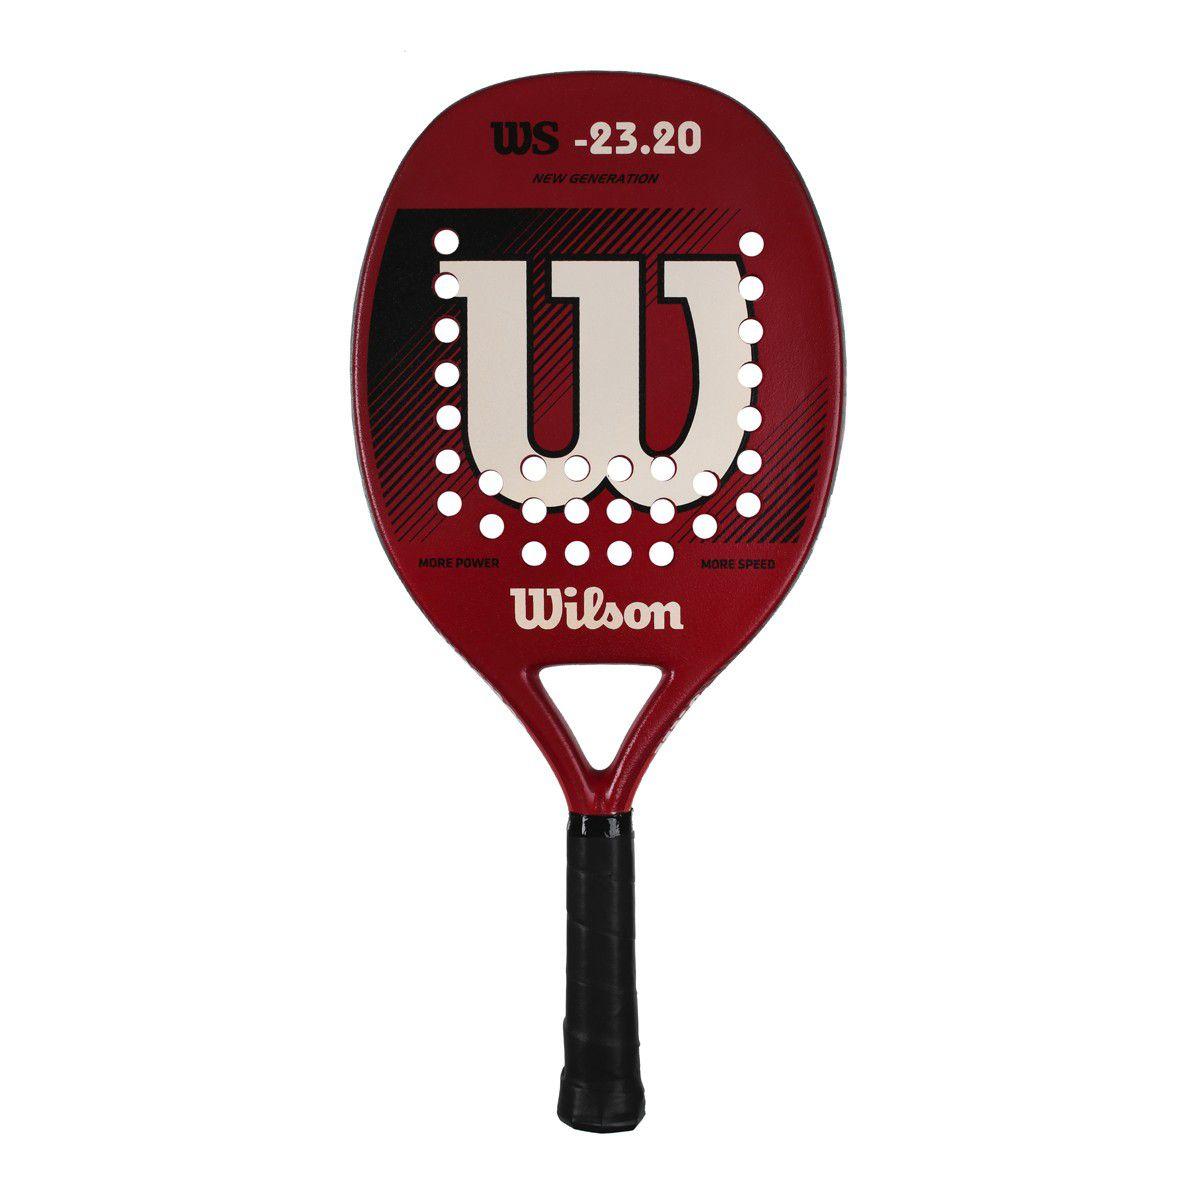 Raquete de Beach Tennis Wilson WS 23.20 Vermelha e Branca